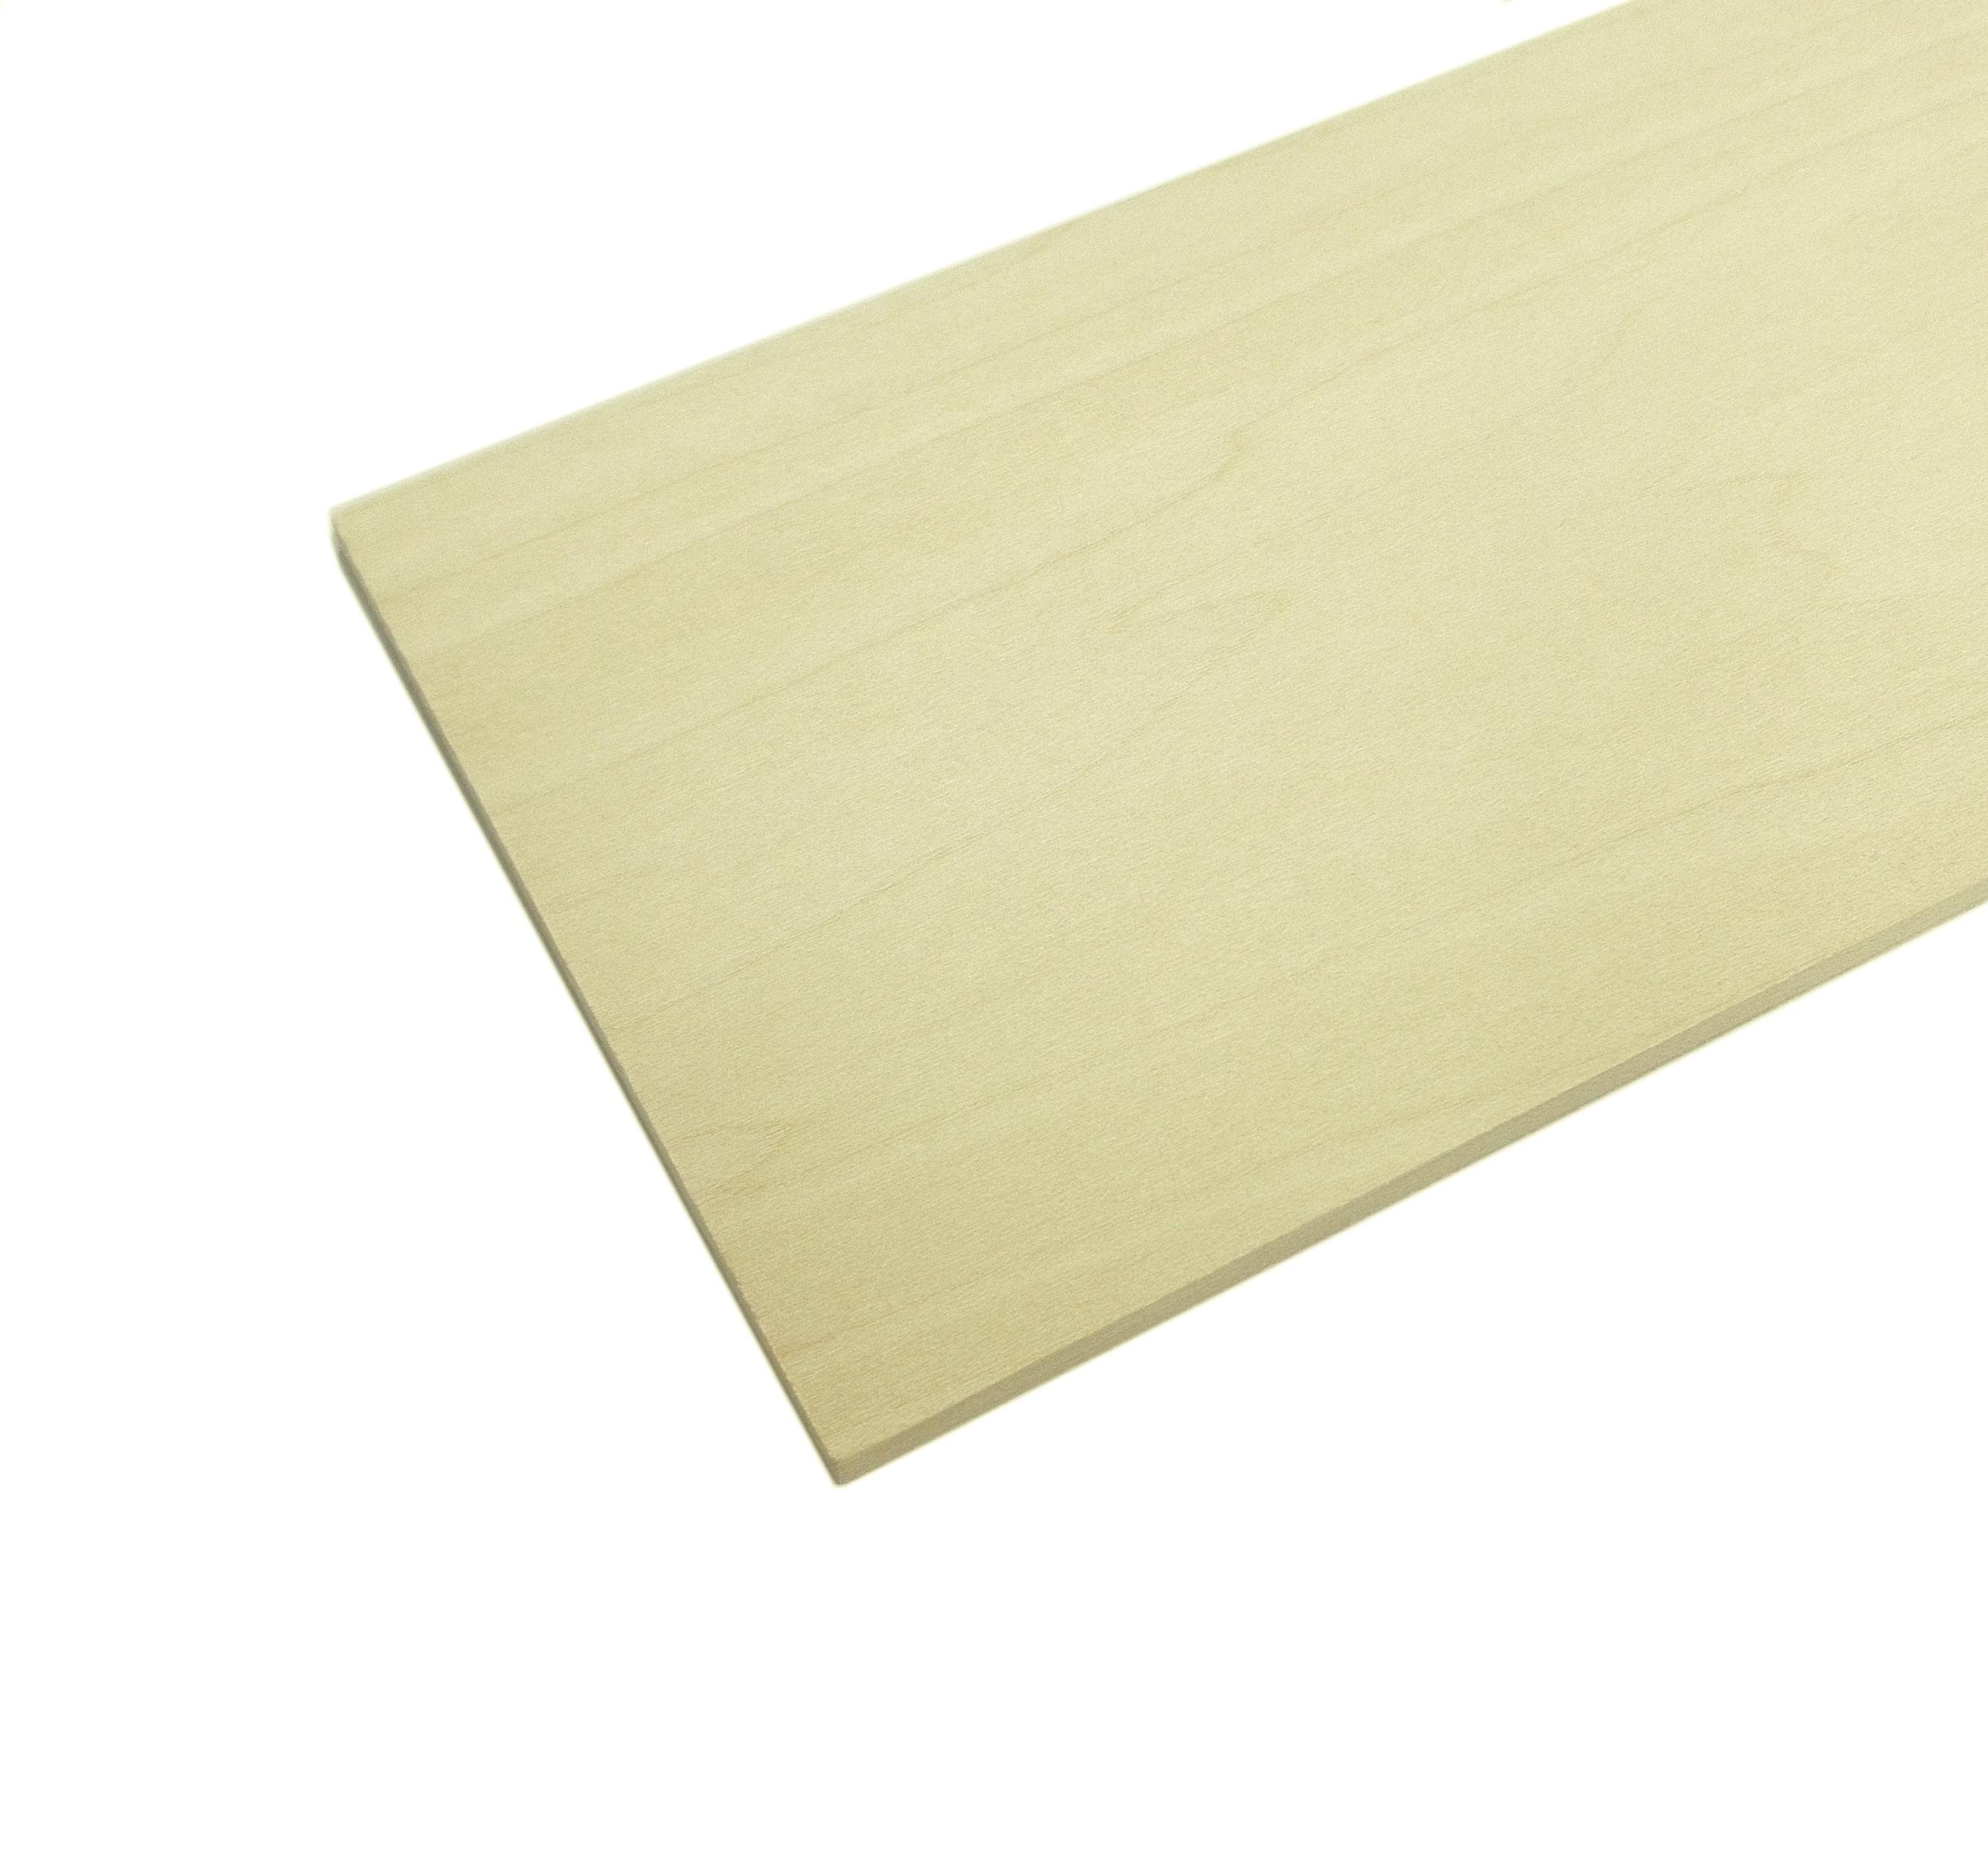 Basswood Wood Panels